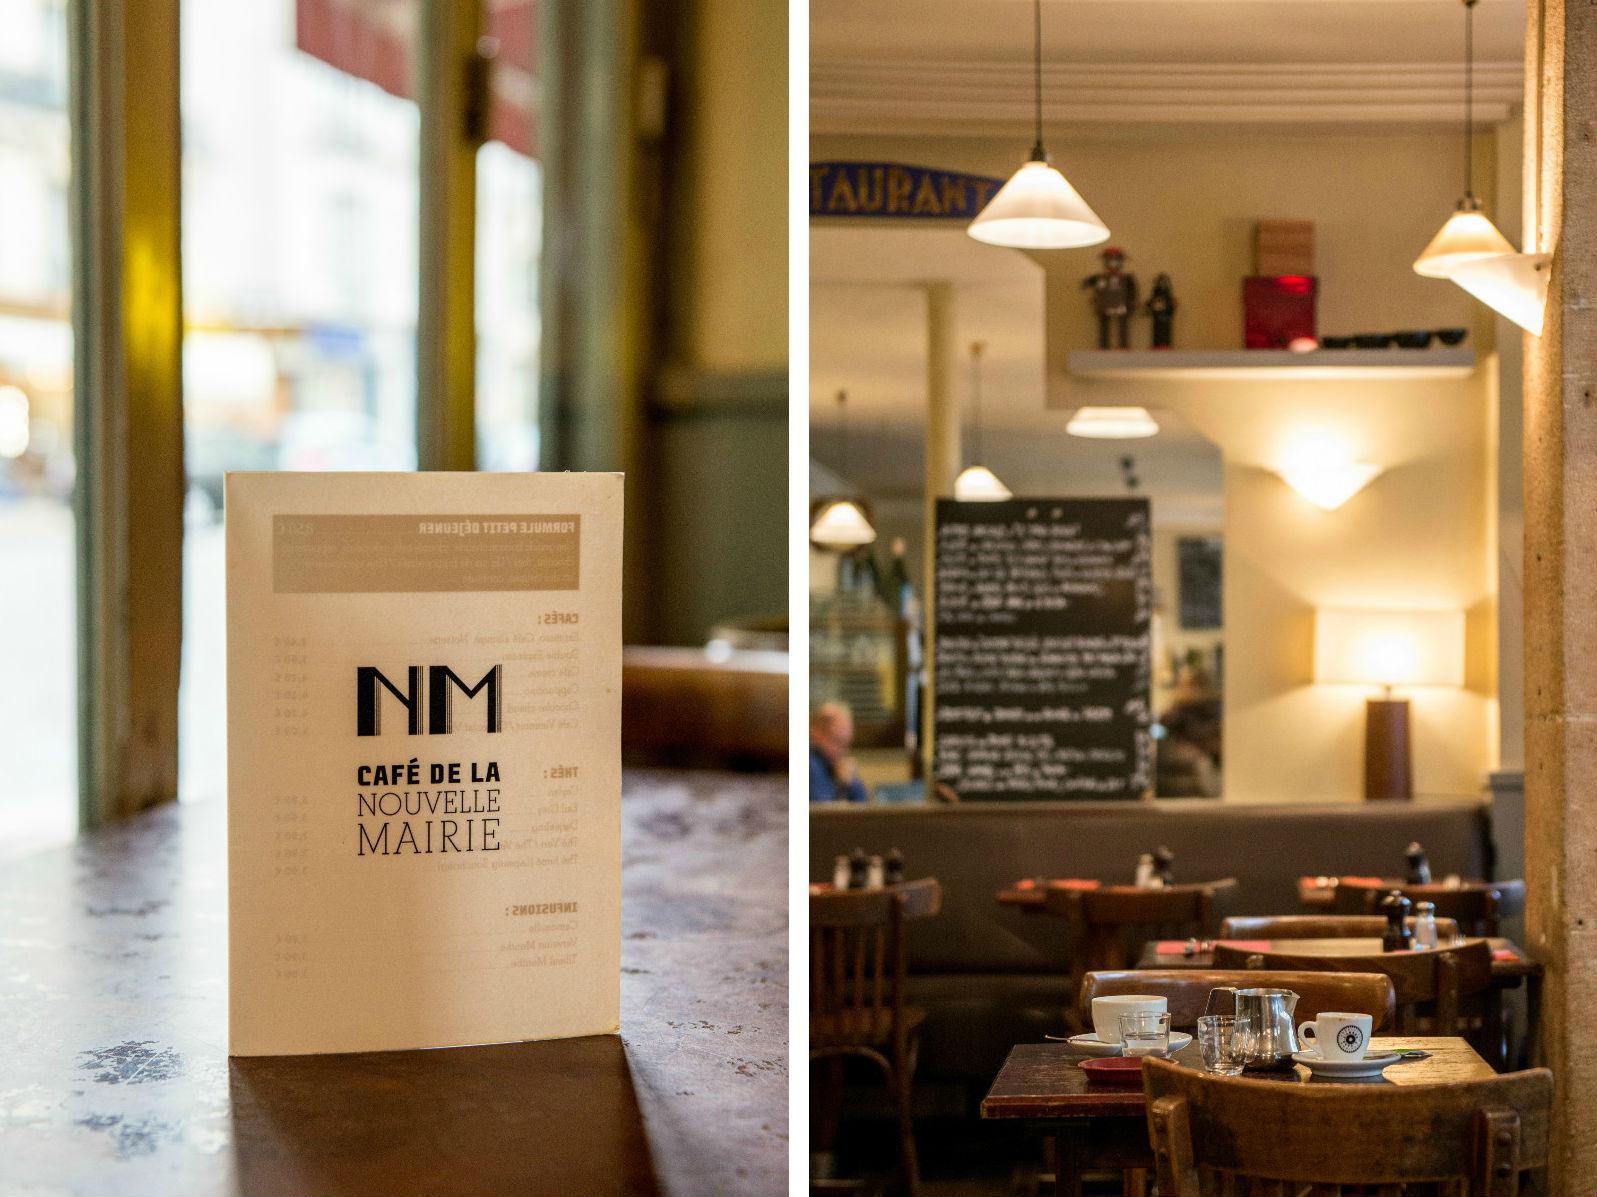 HiP Paris blog. Cafe de la Nouvelle Mairie menu interior montage